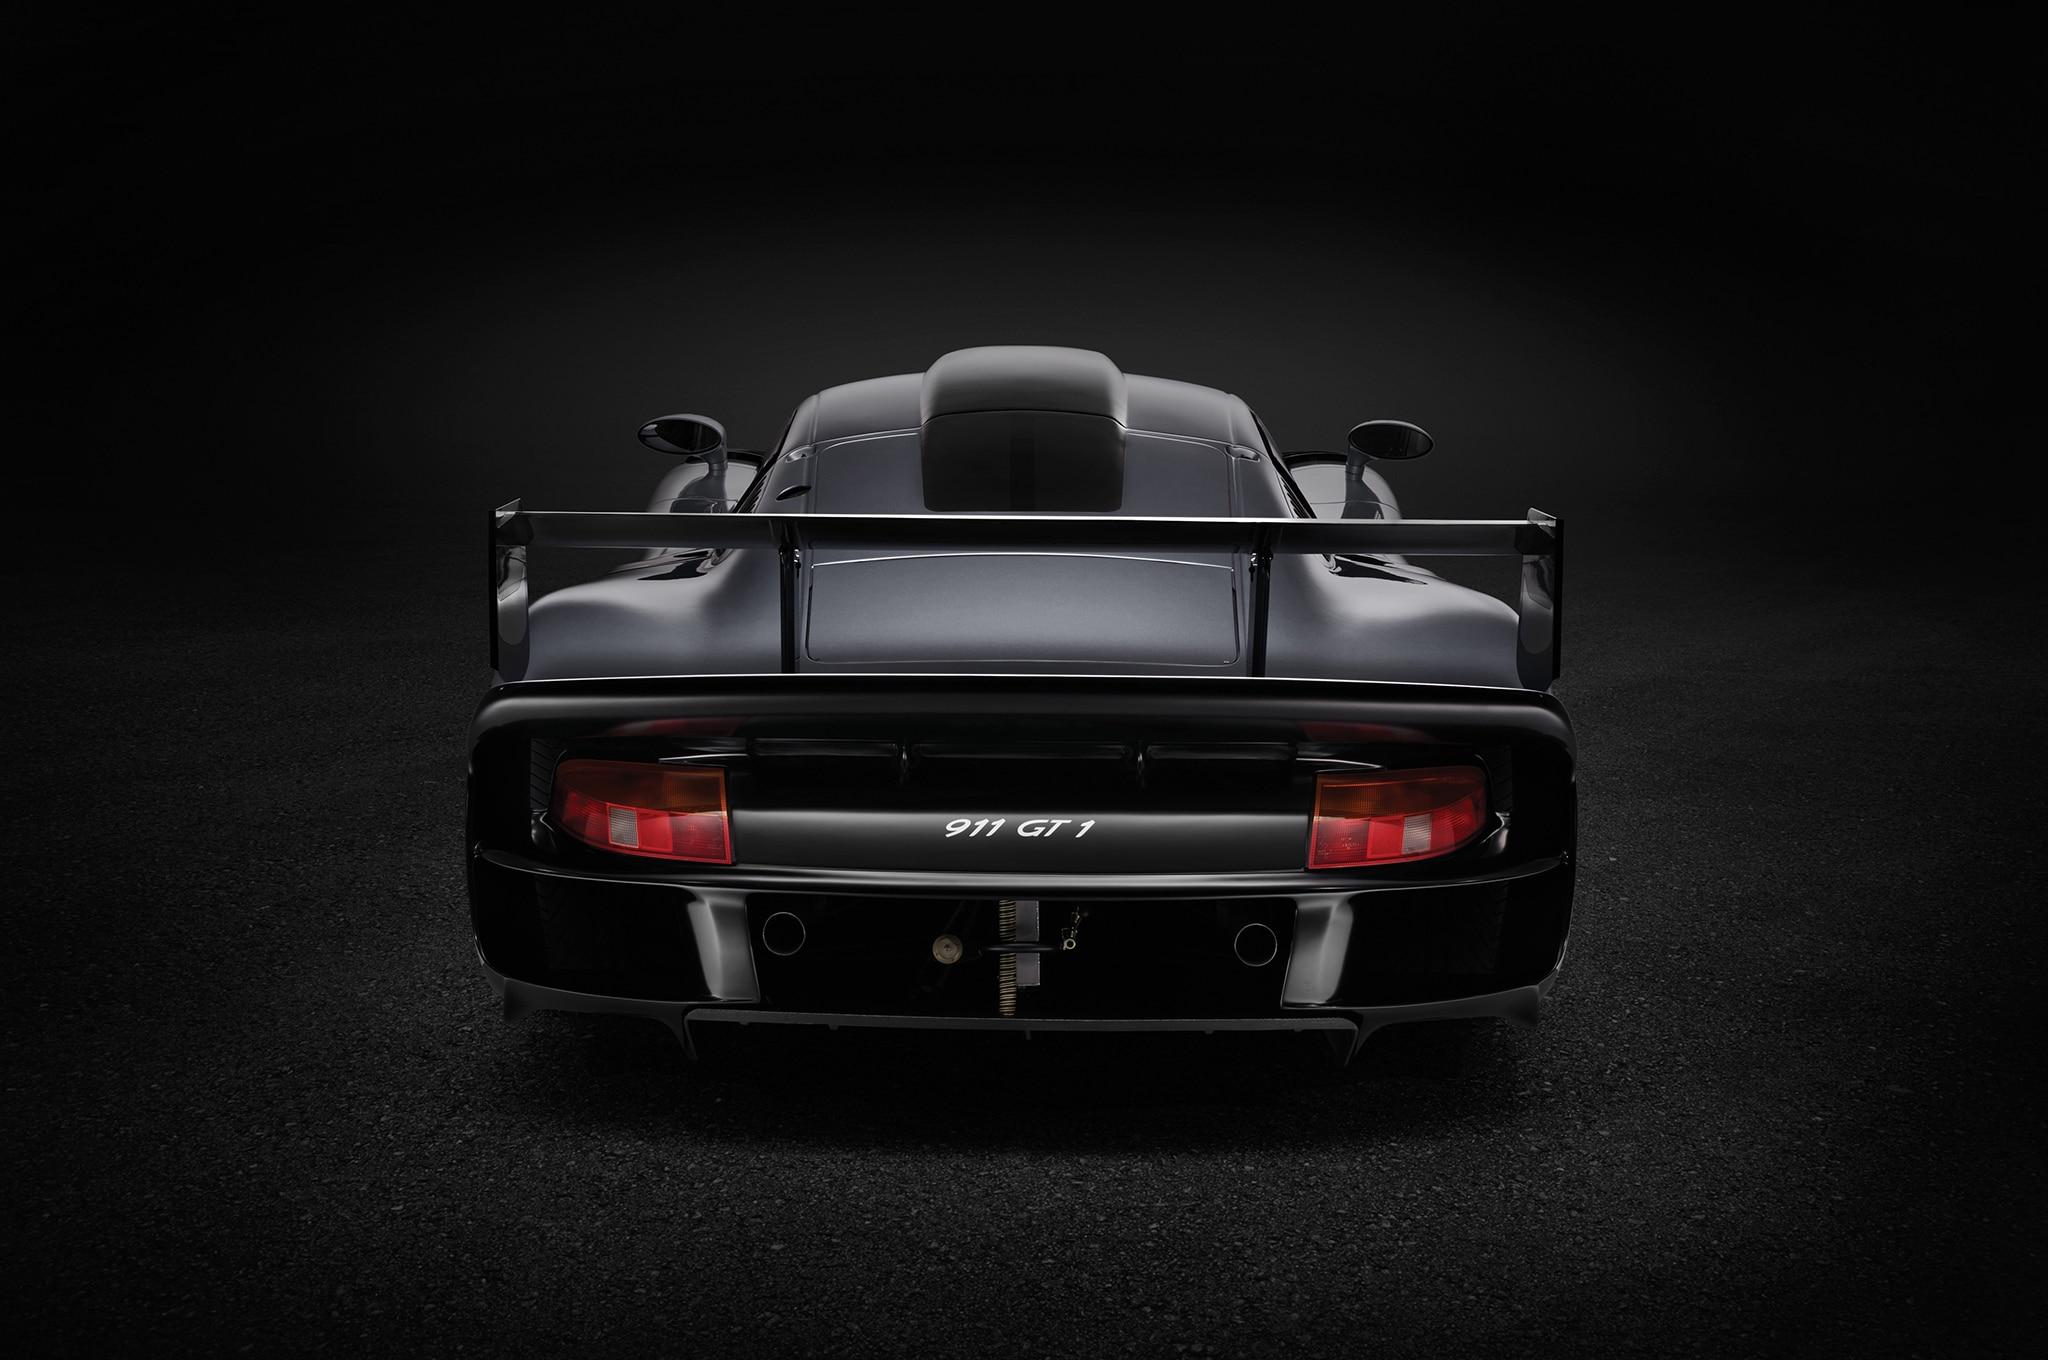 1997-Porsche-911-GT1-Evo-rear Inspiring Porsche 911 Gt1 Road atlanta Cars Trend